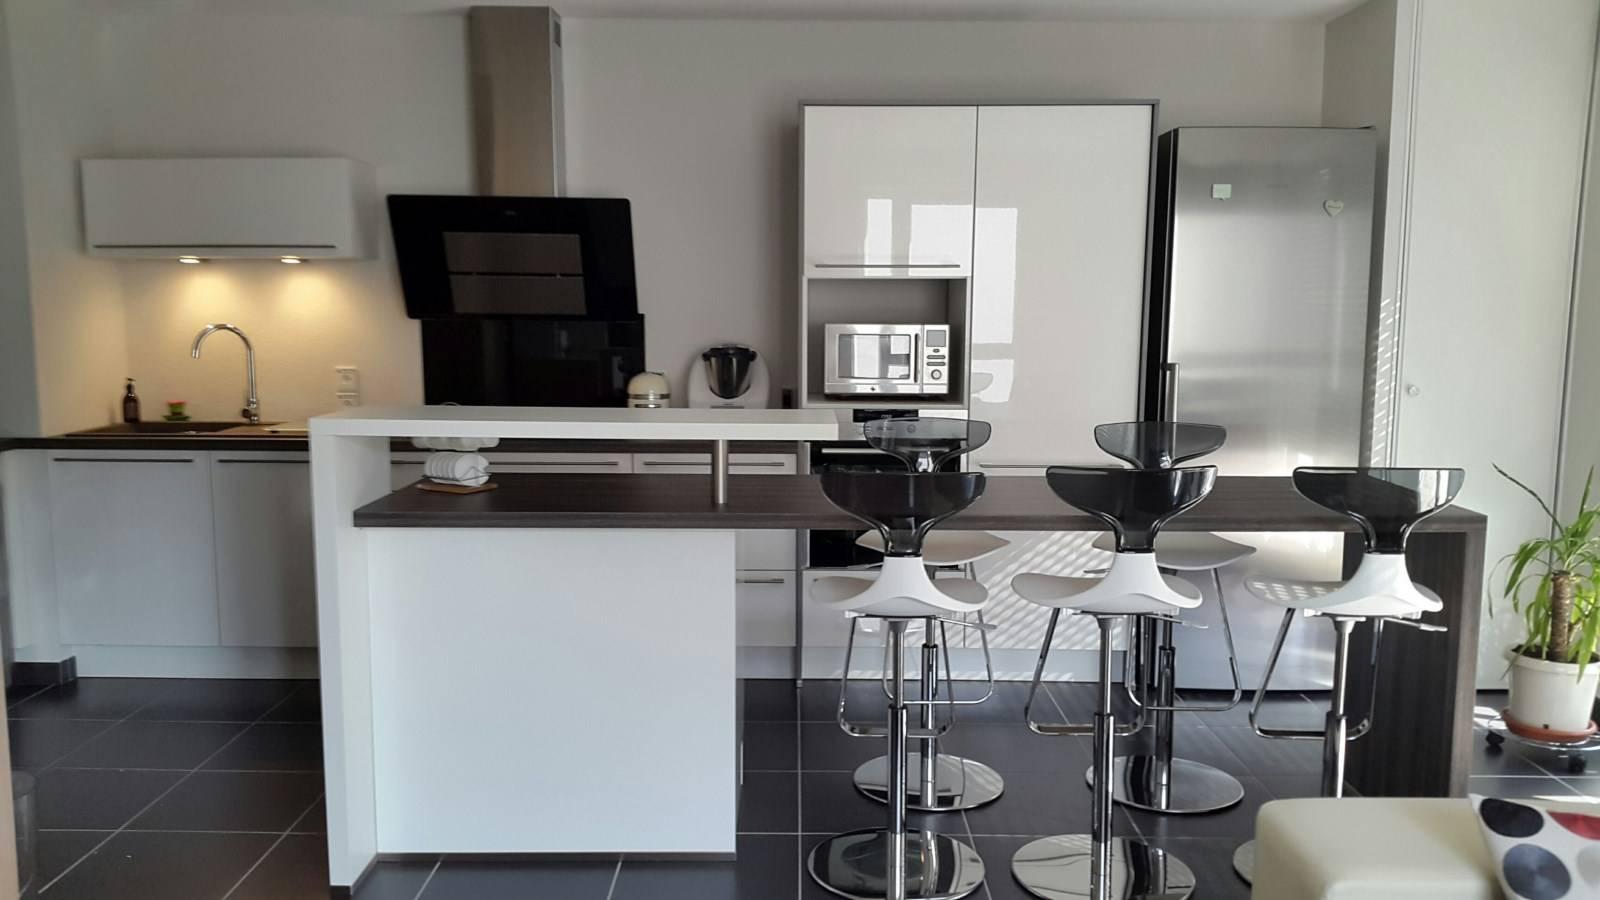 Cuisine sur mesure lyon 69008 dans un logement neuf for Cuisine x roussien lyon